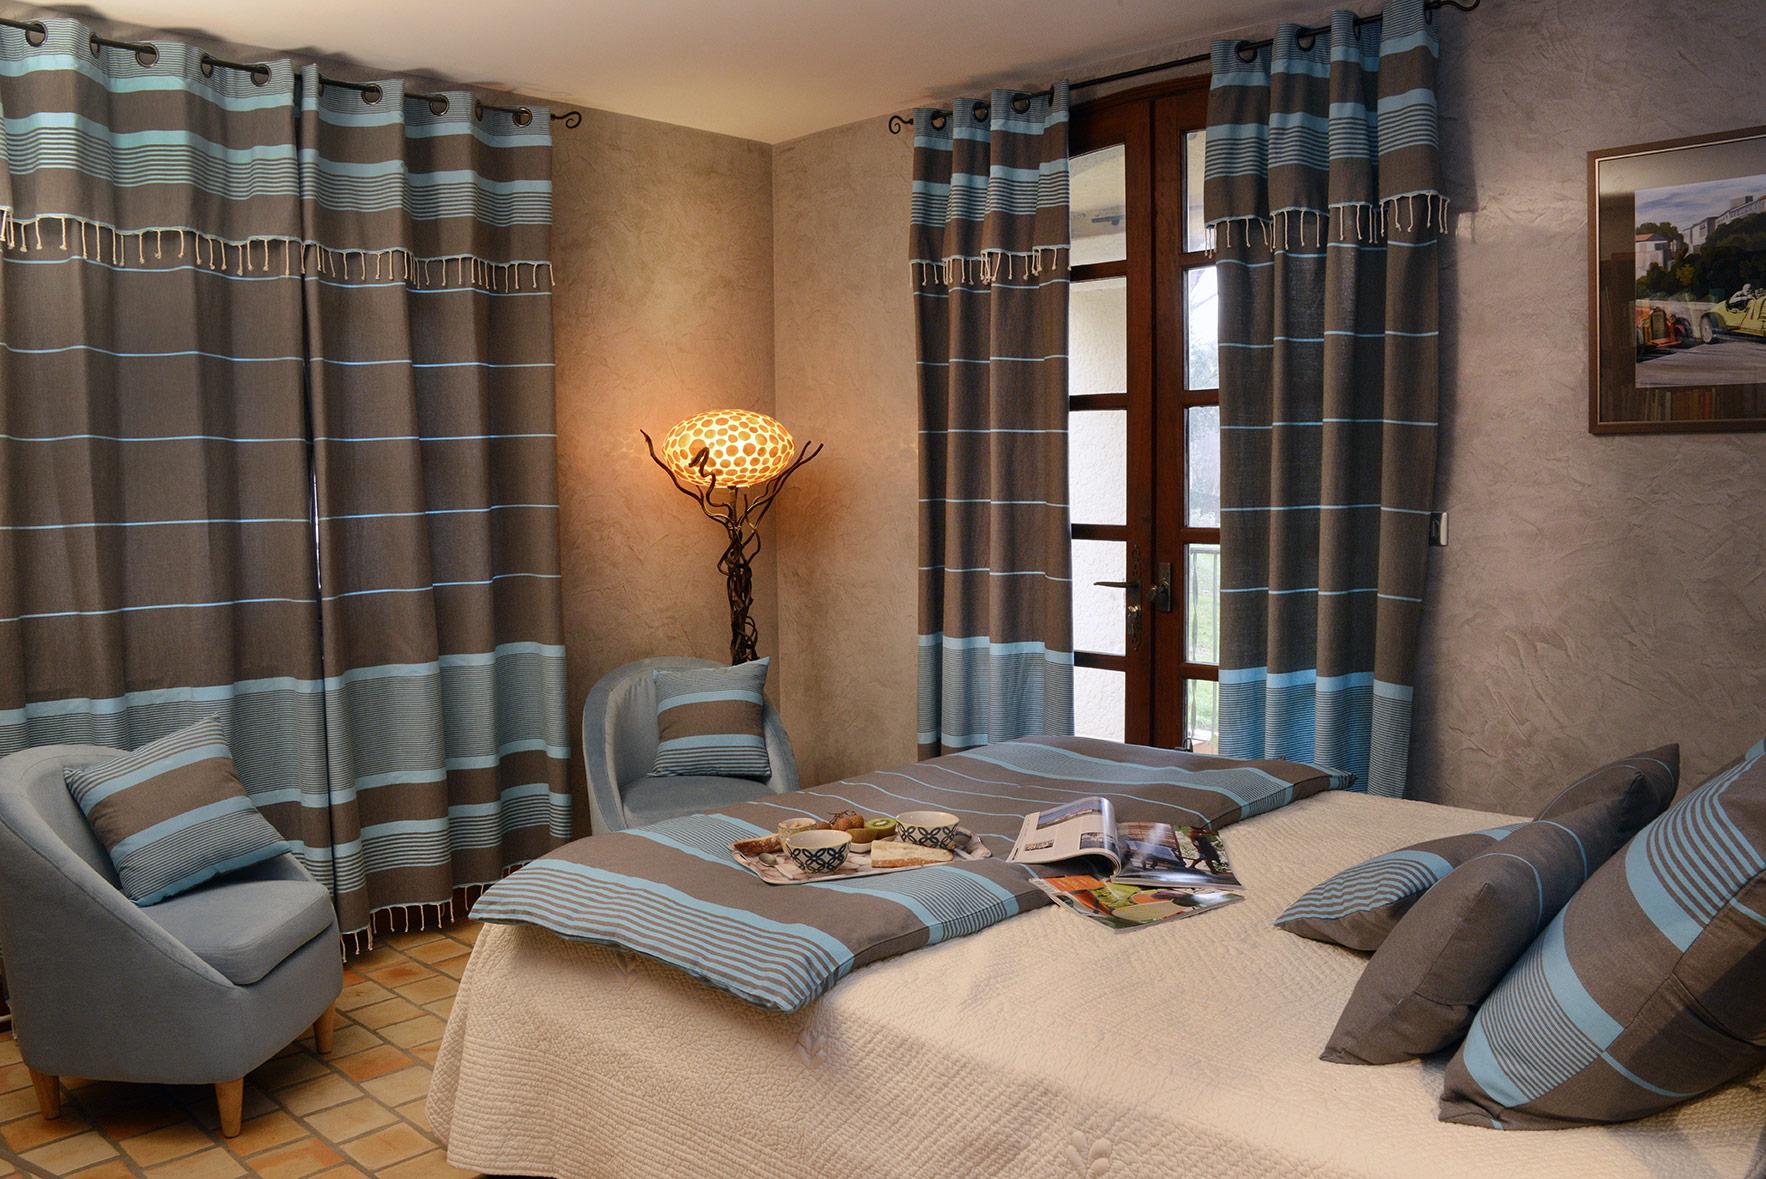 CARTHAGE - Rideau ajustable coton anthracite turquoise 140 x 250 à 280